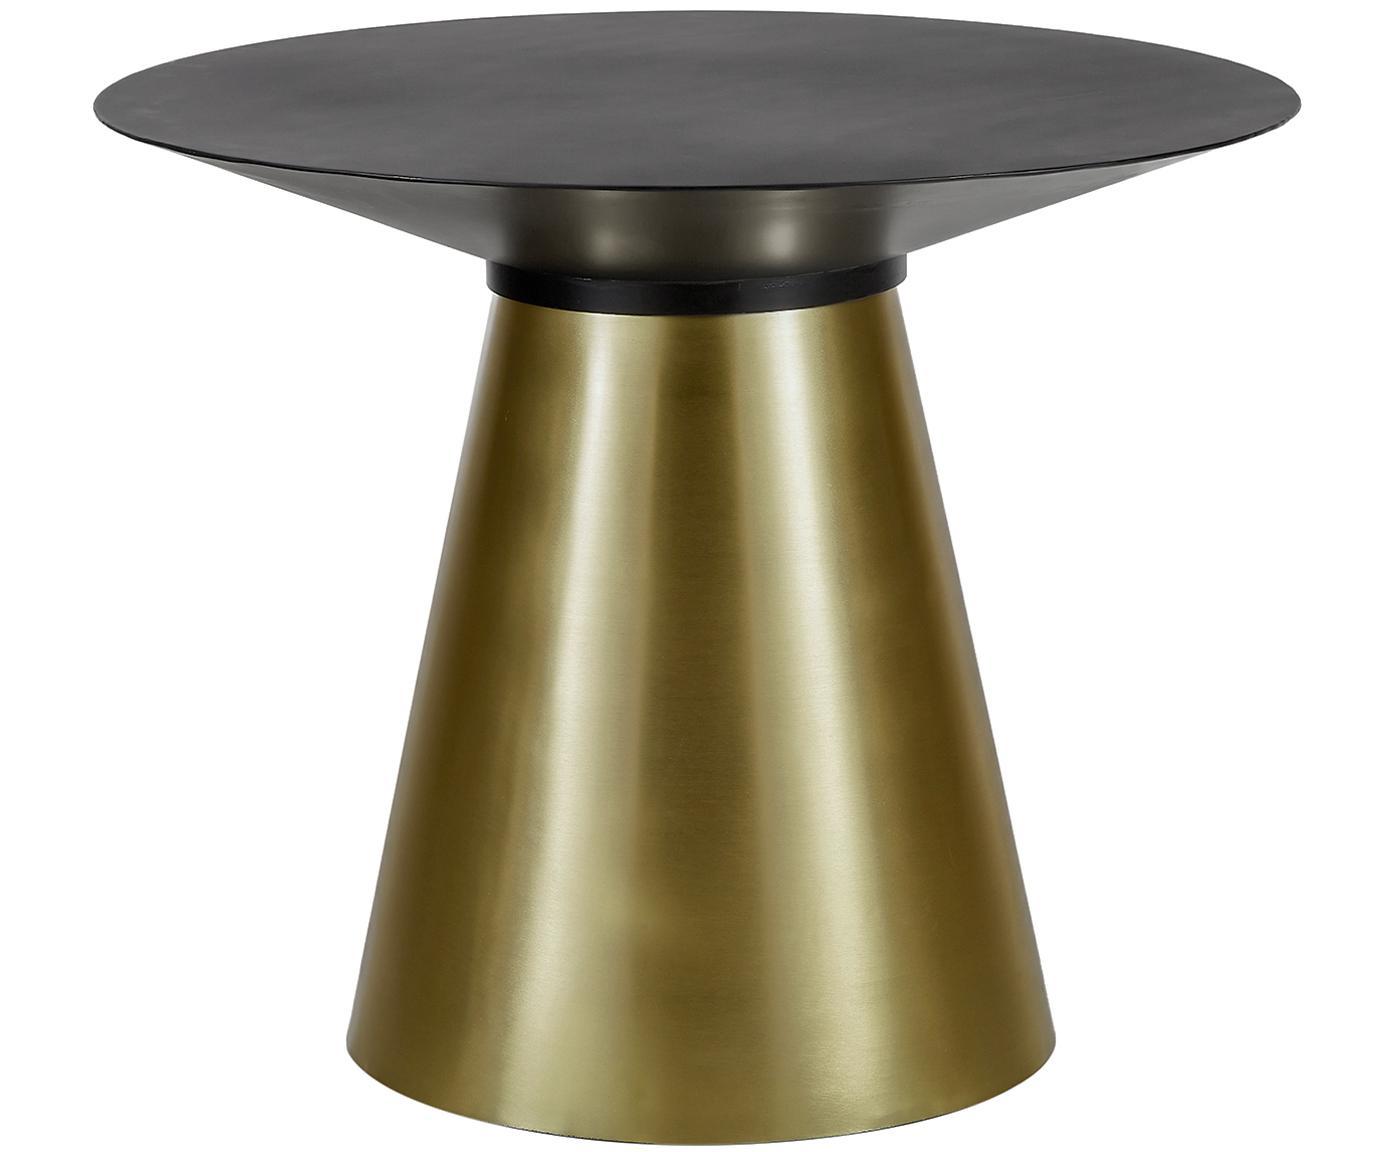 Mesa de comedor redonda Selena, Tablero: metal con pintura en polv, Estructura: metal recubierto, Negro, dorado, Ø 91 x Al 75 cm